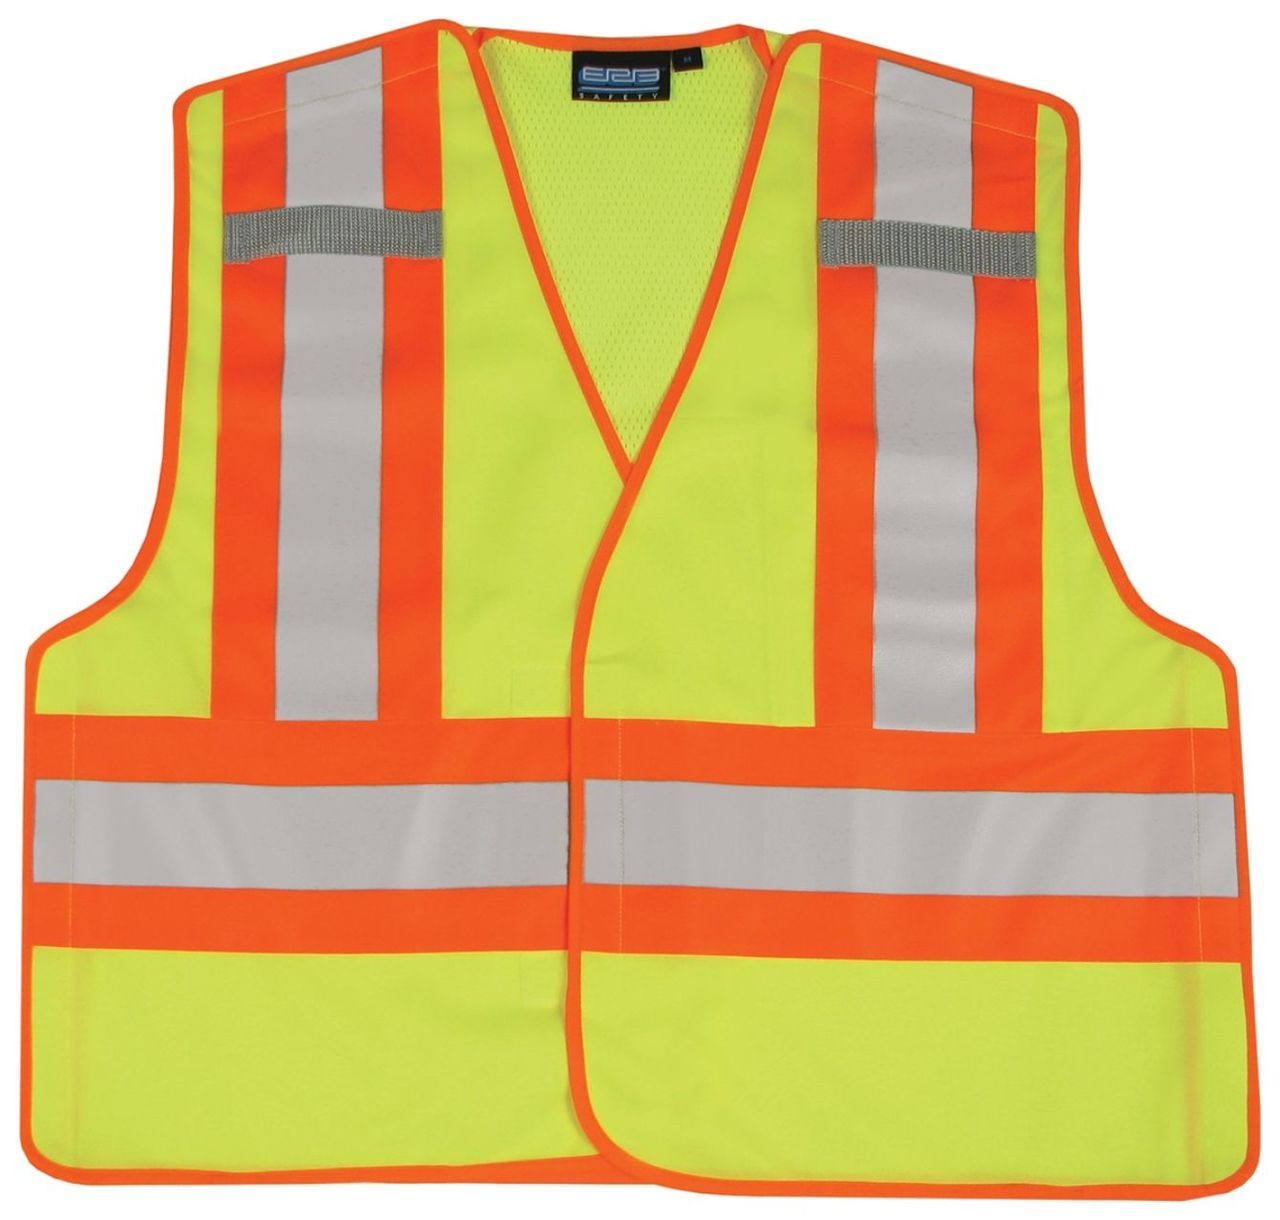 S345 5 pt Breakaway Safety Vest Class 2